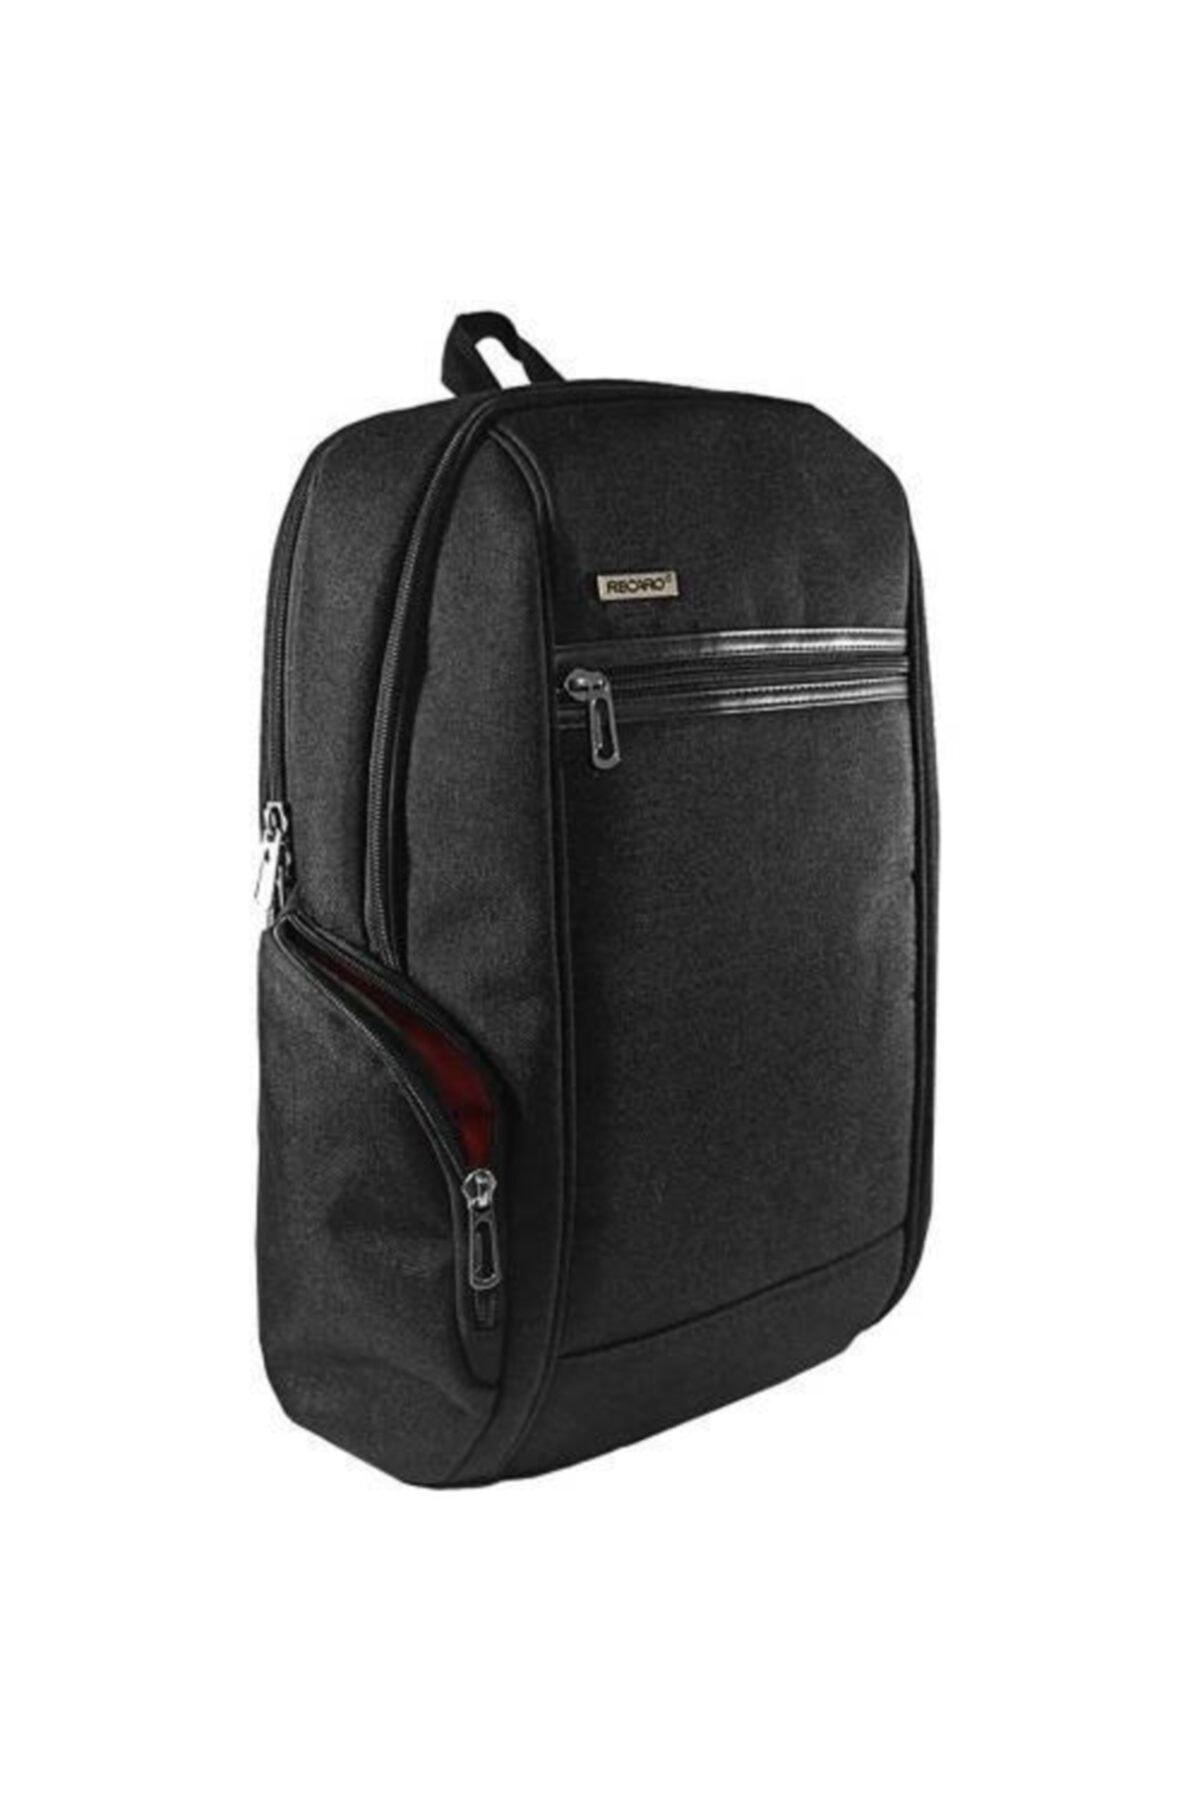 Recaro 15.6 Inç Özel Seri Tam Korumalı Business Laptop Notebook Sırt Çantası Siyah 1